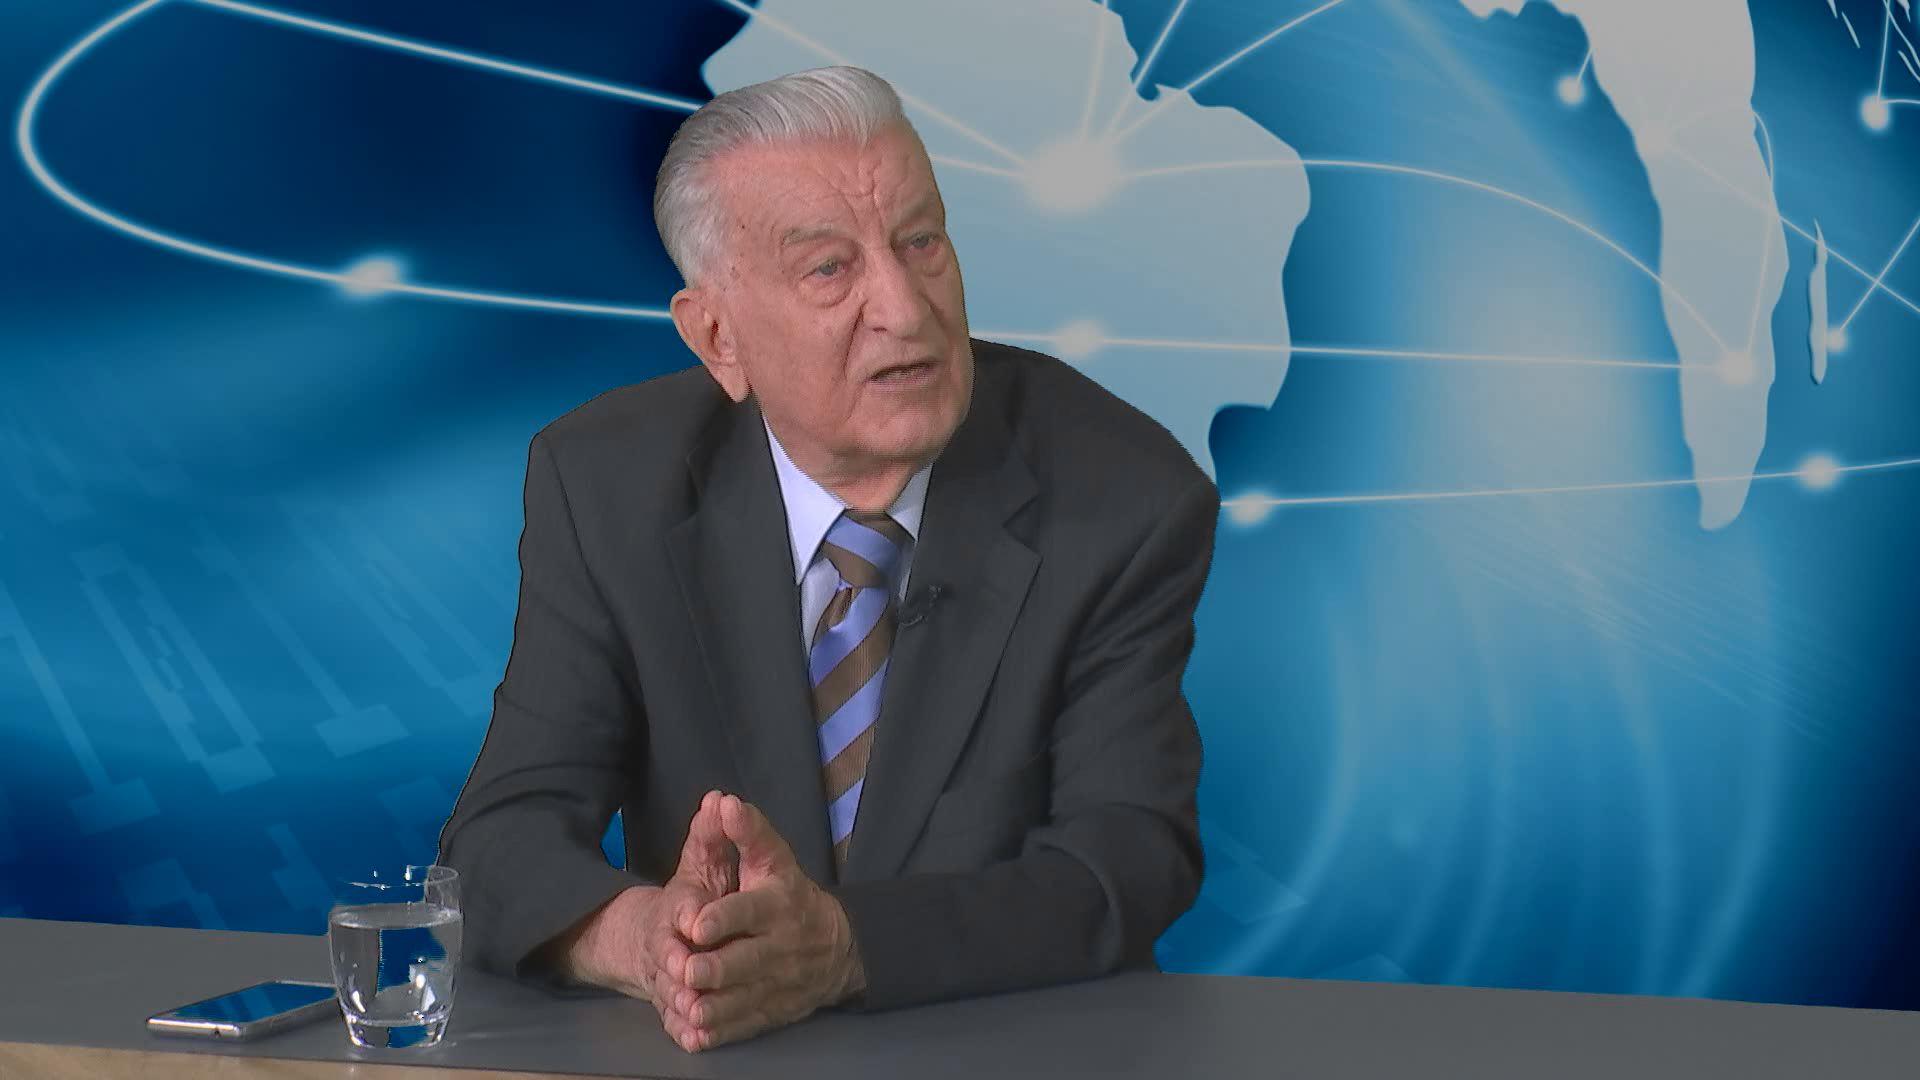 Anton Drobnič: 27. april je dan začetka napada na kulturo, na pamet in na um Slovenskega človeka. 2